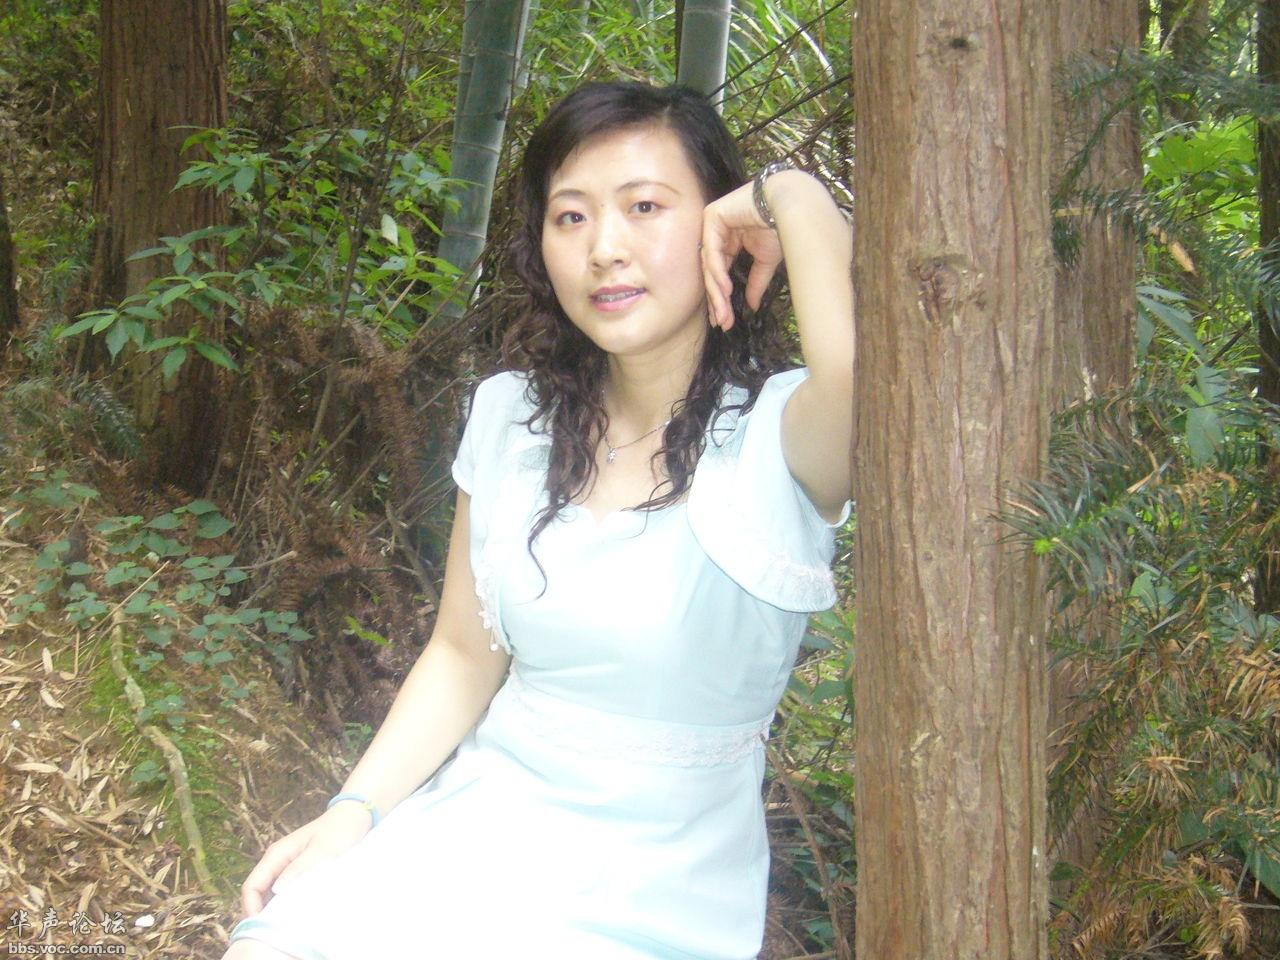 台湾 熟女 に対する画像結果